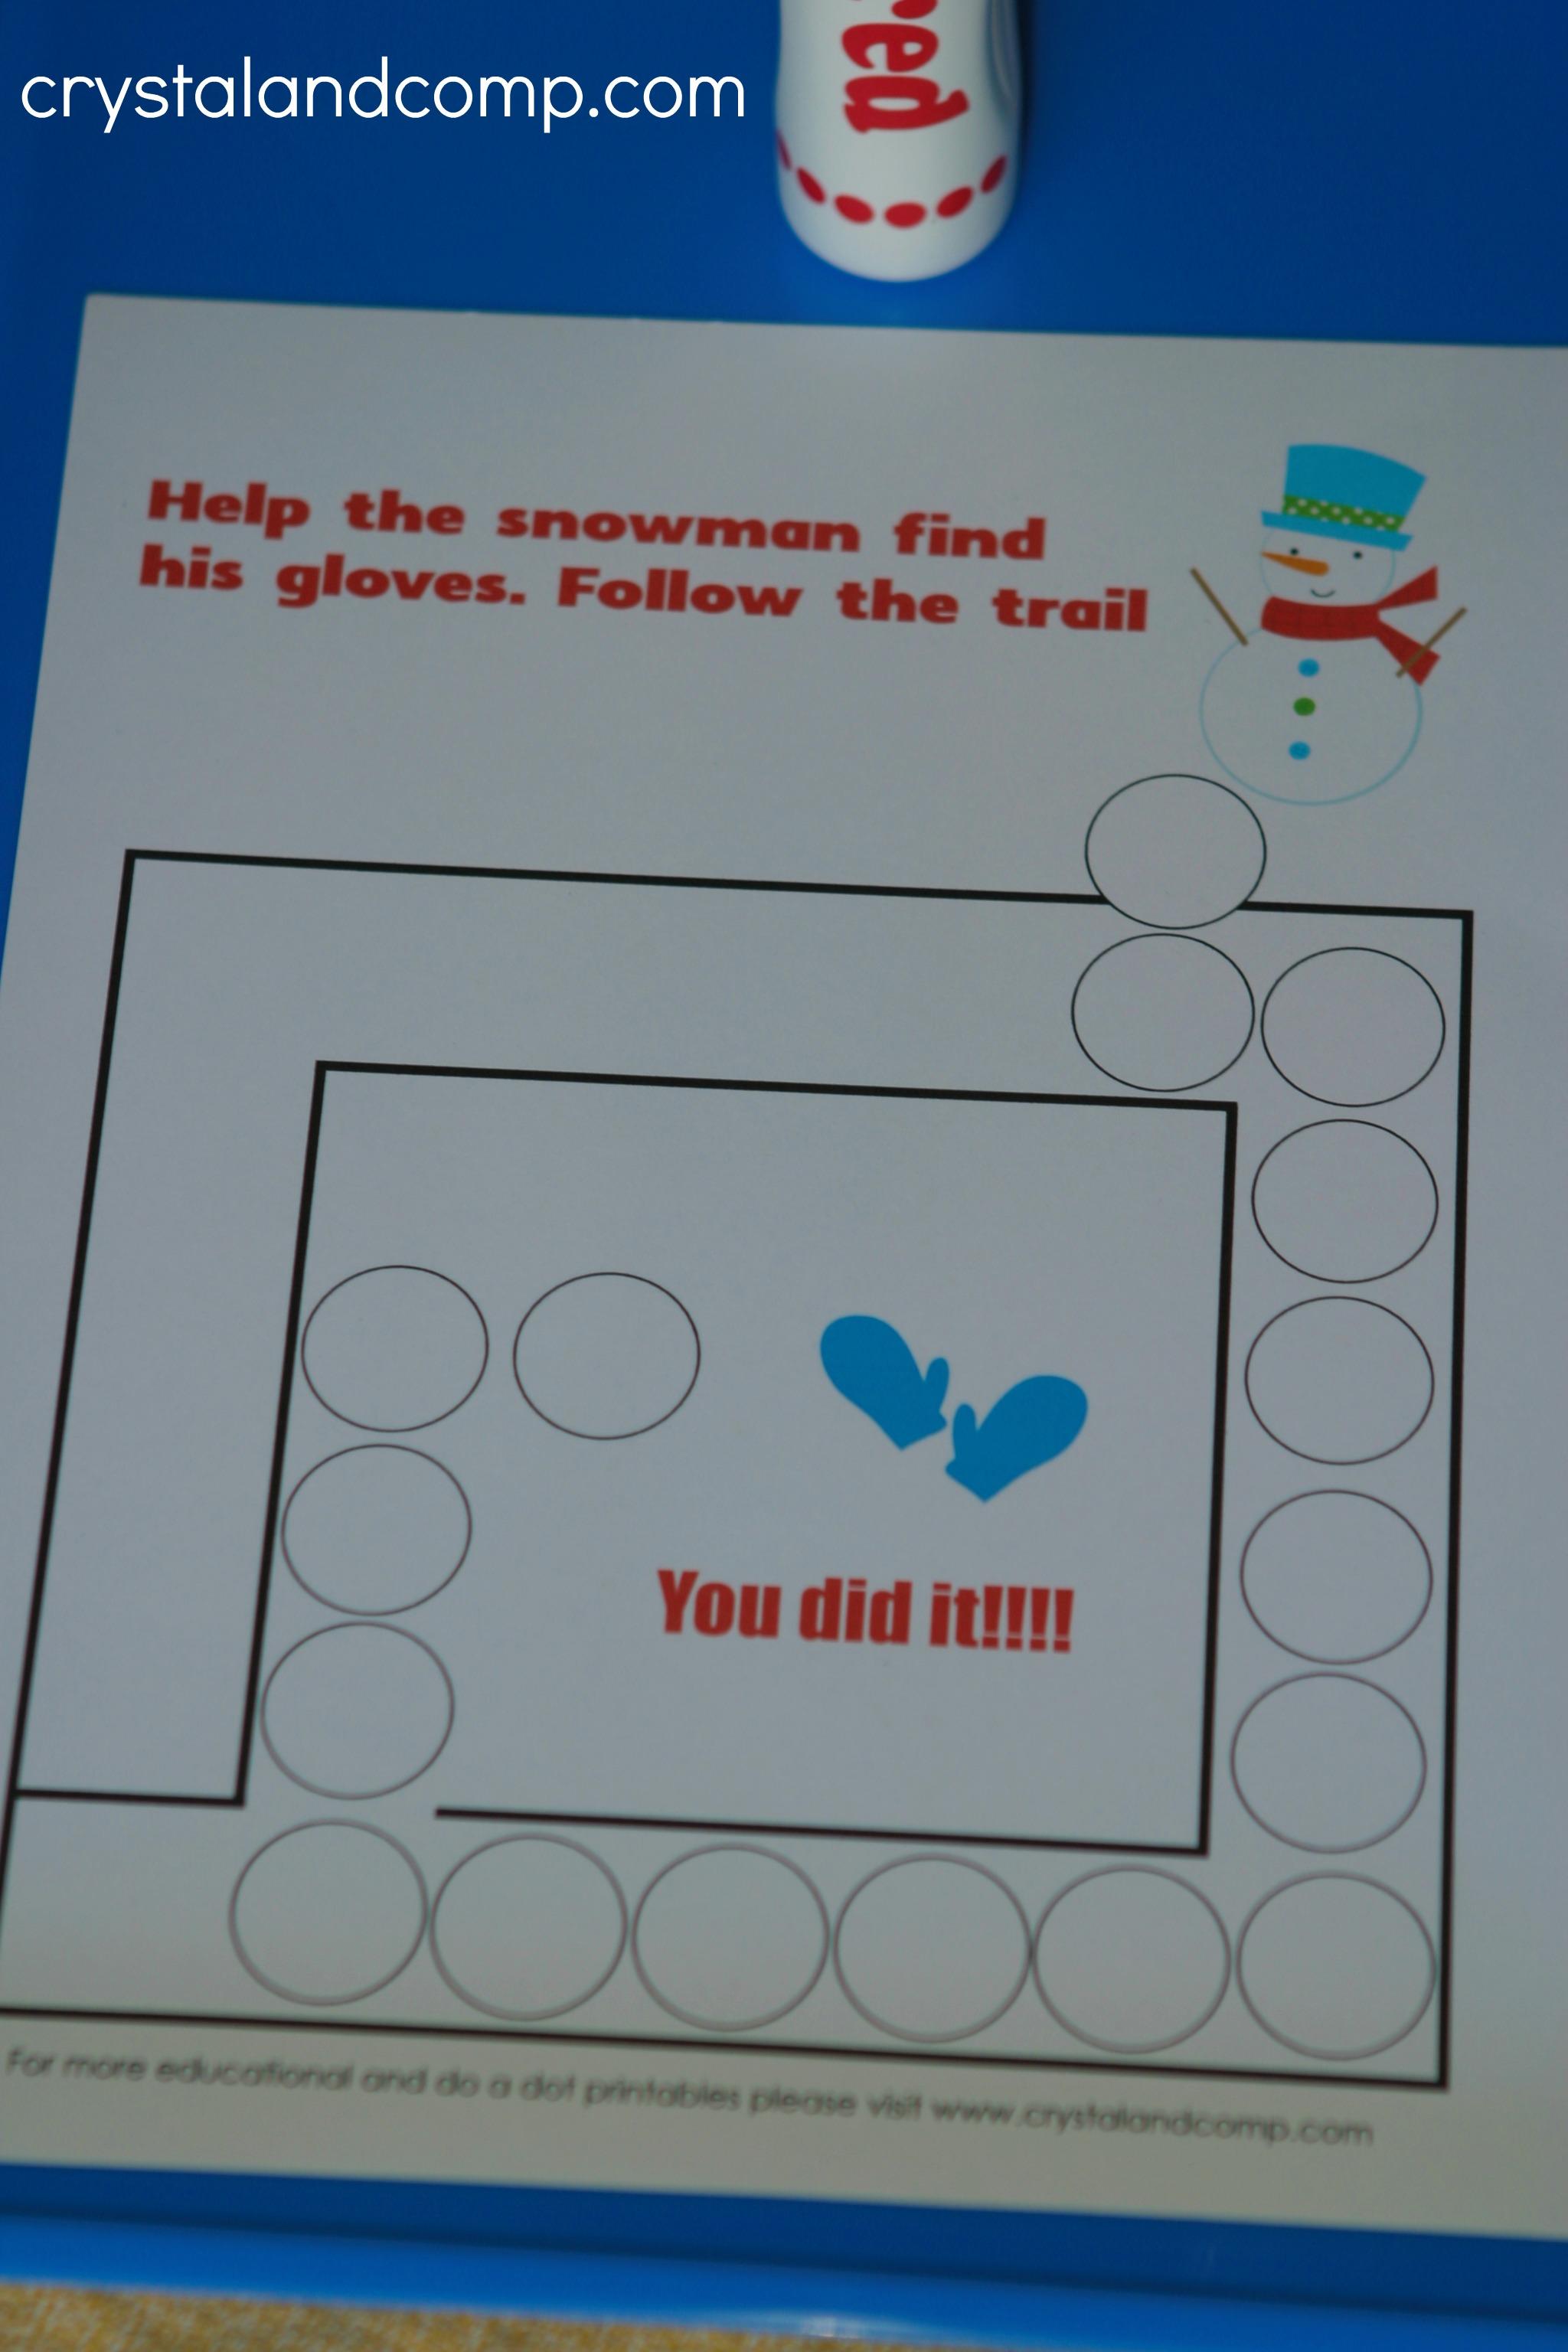 Snowman Do a Dot Printables for Preschoolers | CrystalandComp.com